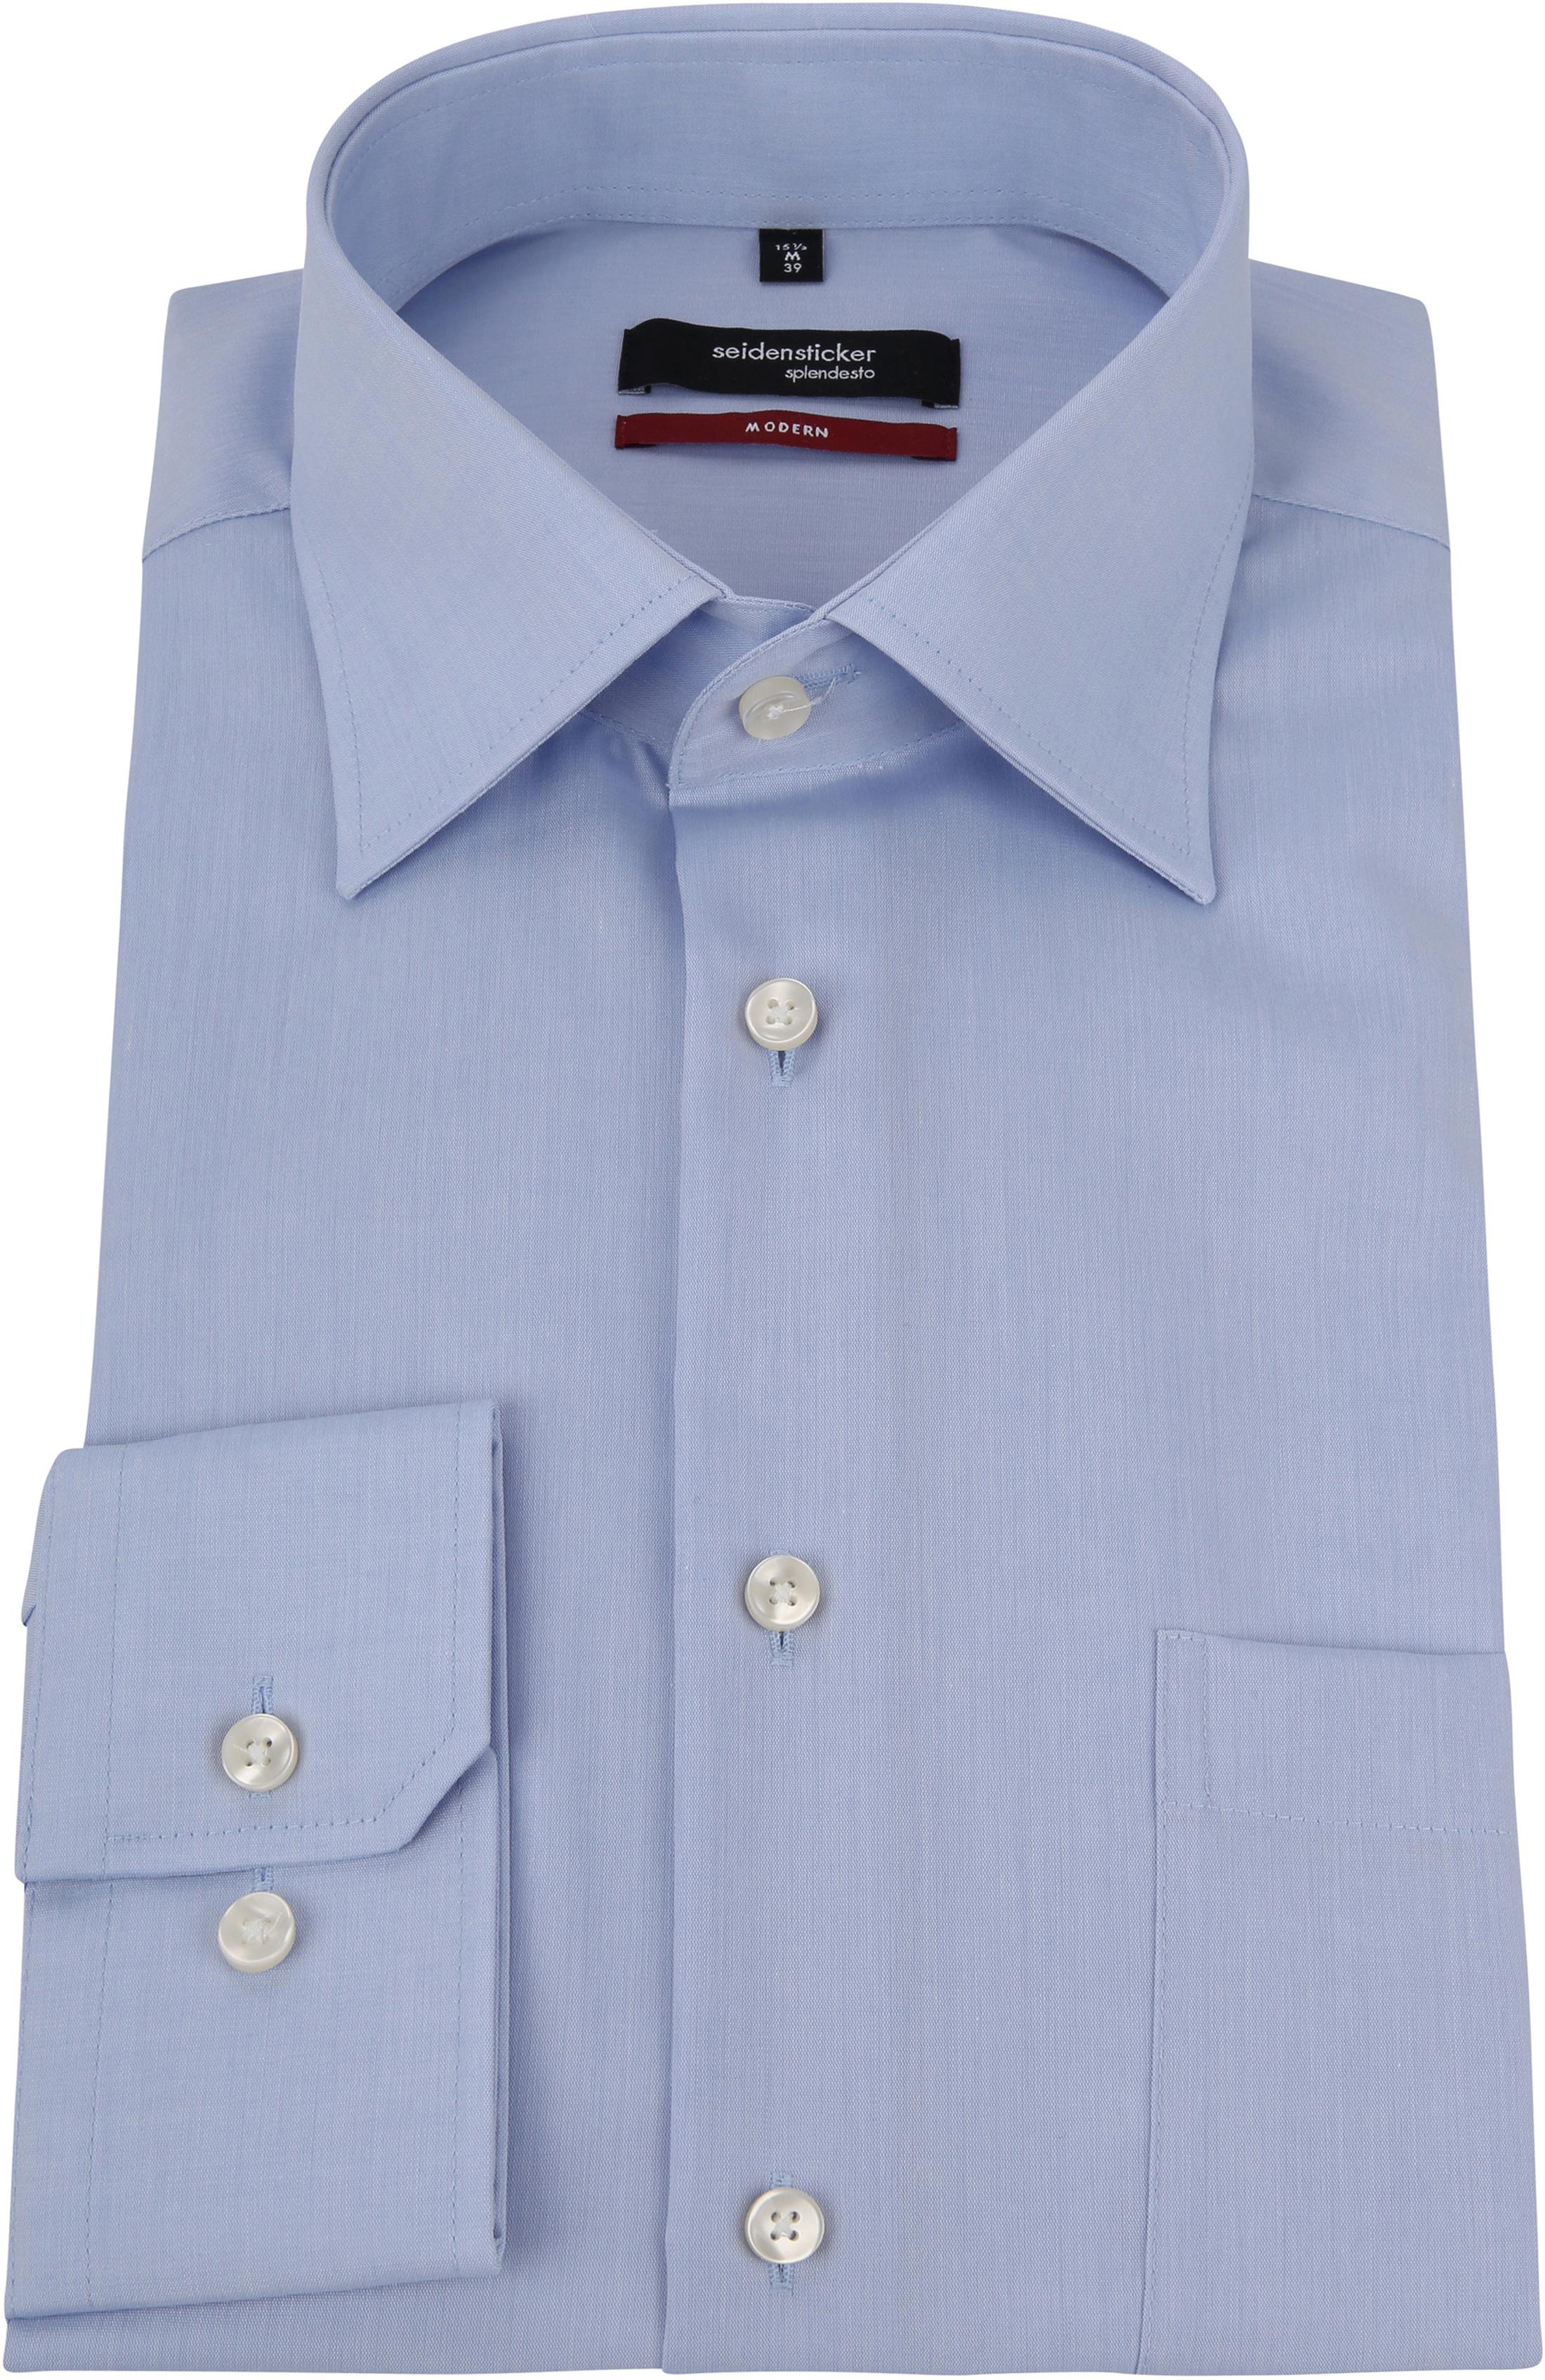 Seidensticker Hemd Bügelfrei Modern Light Blue foto 2